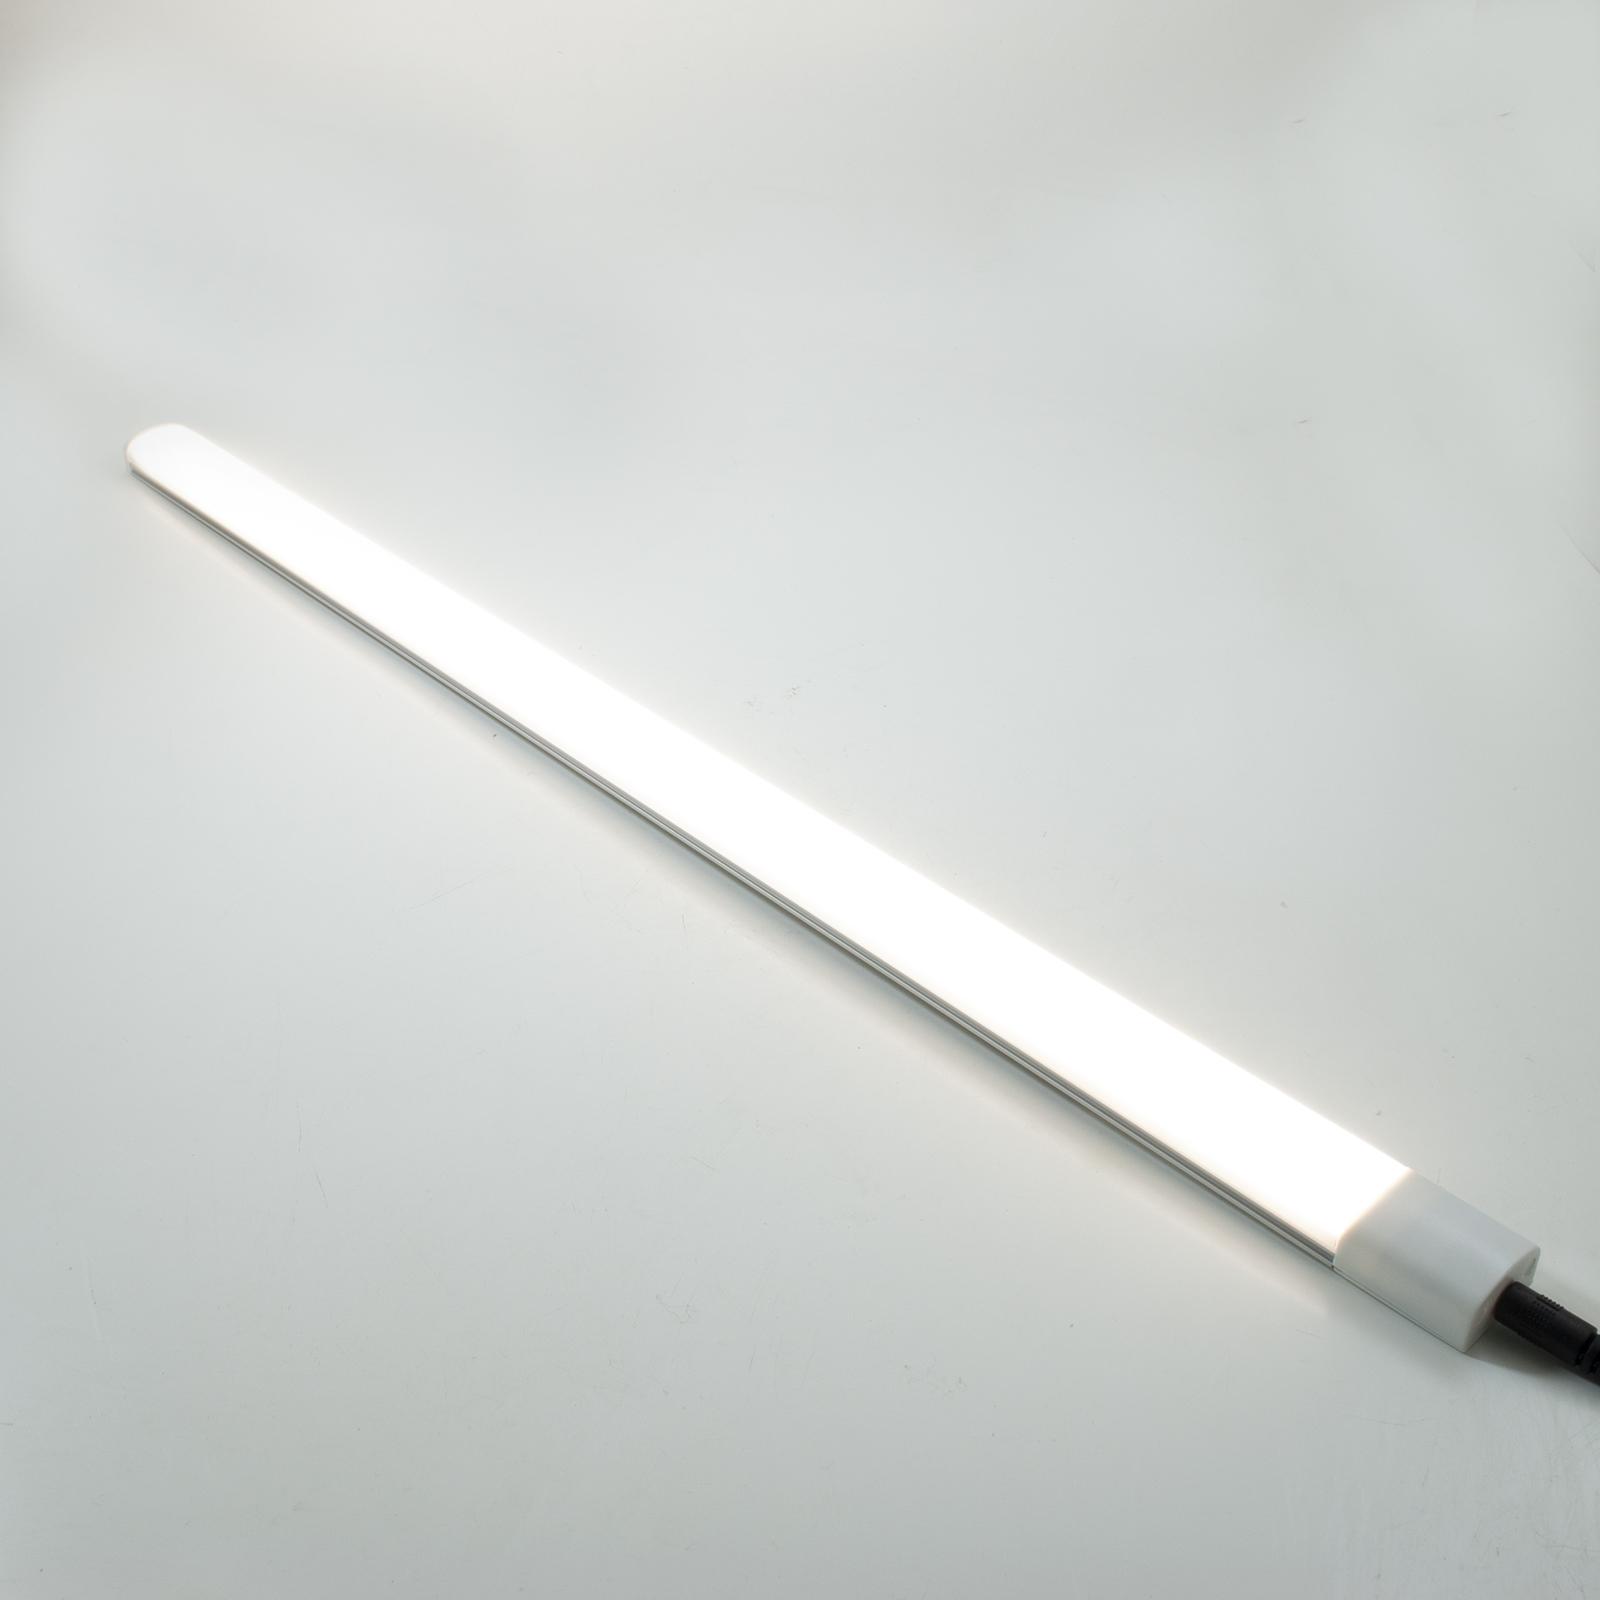 Profili led sottopensile - :: prova sito::: - led sottopensile luce ...